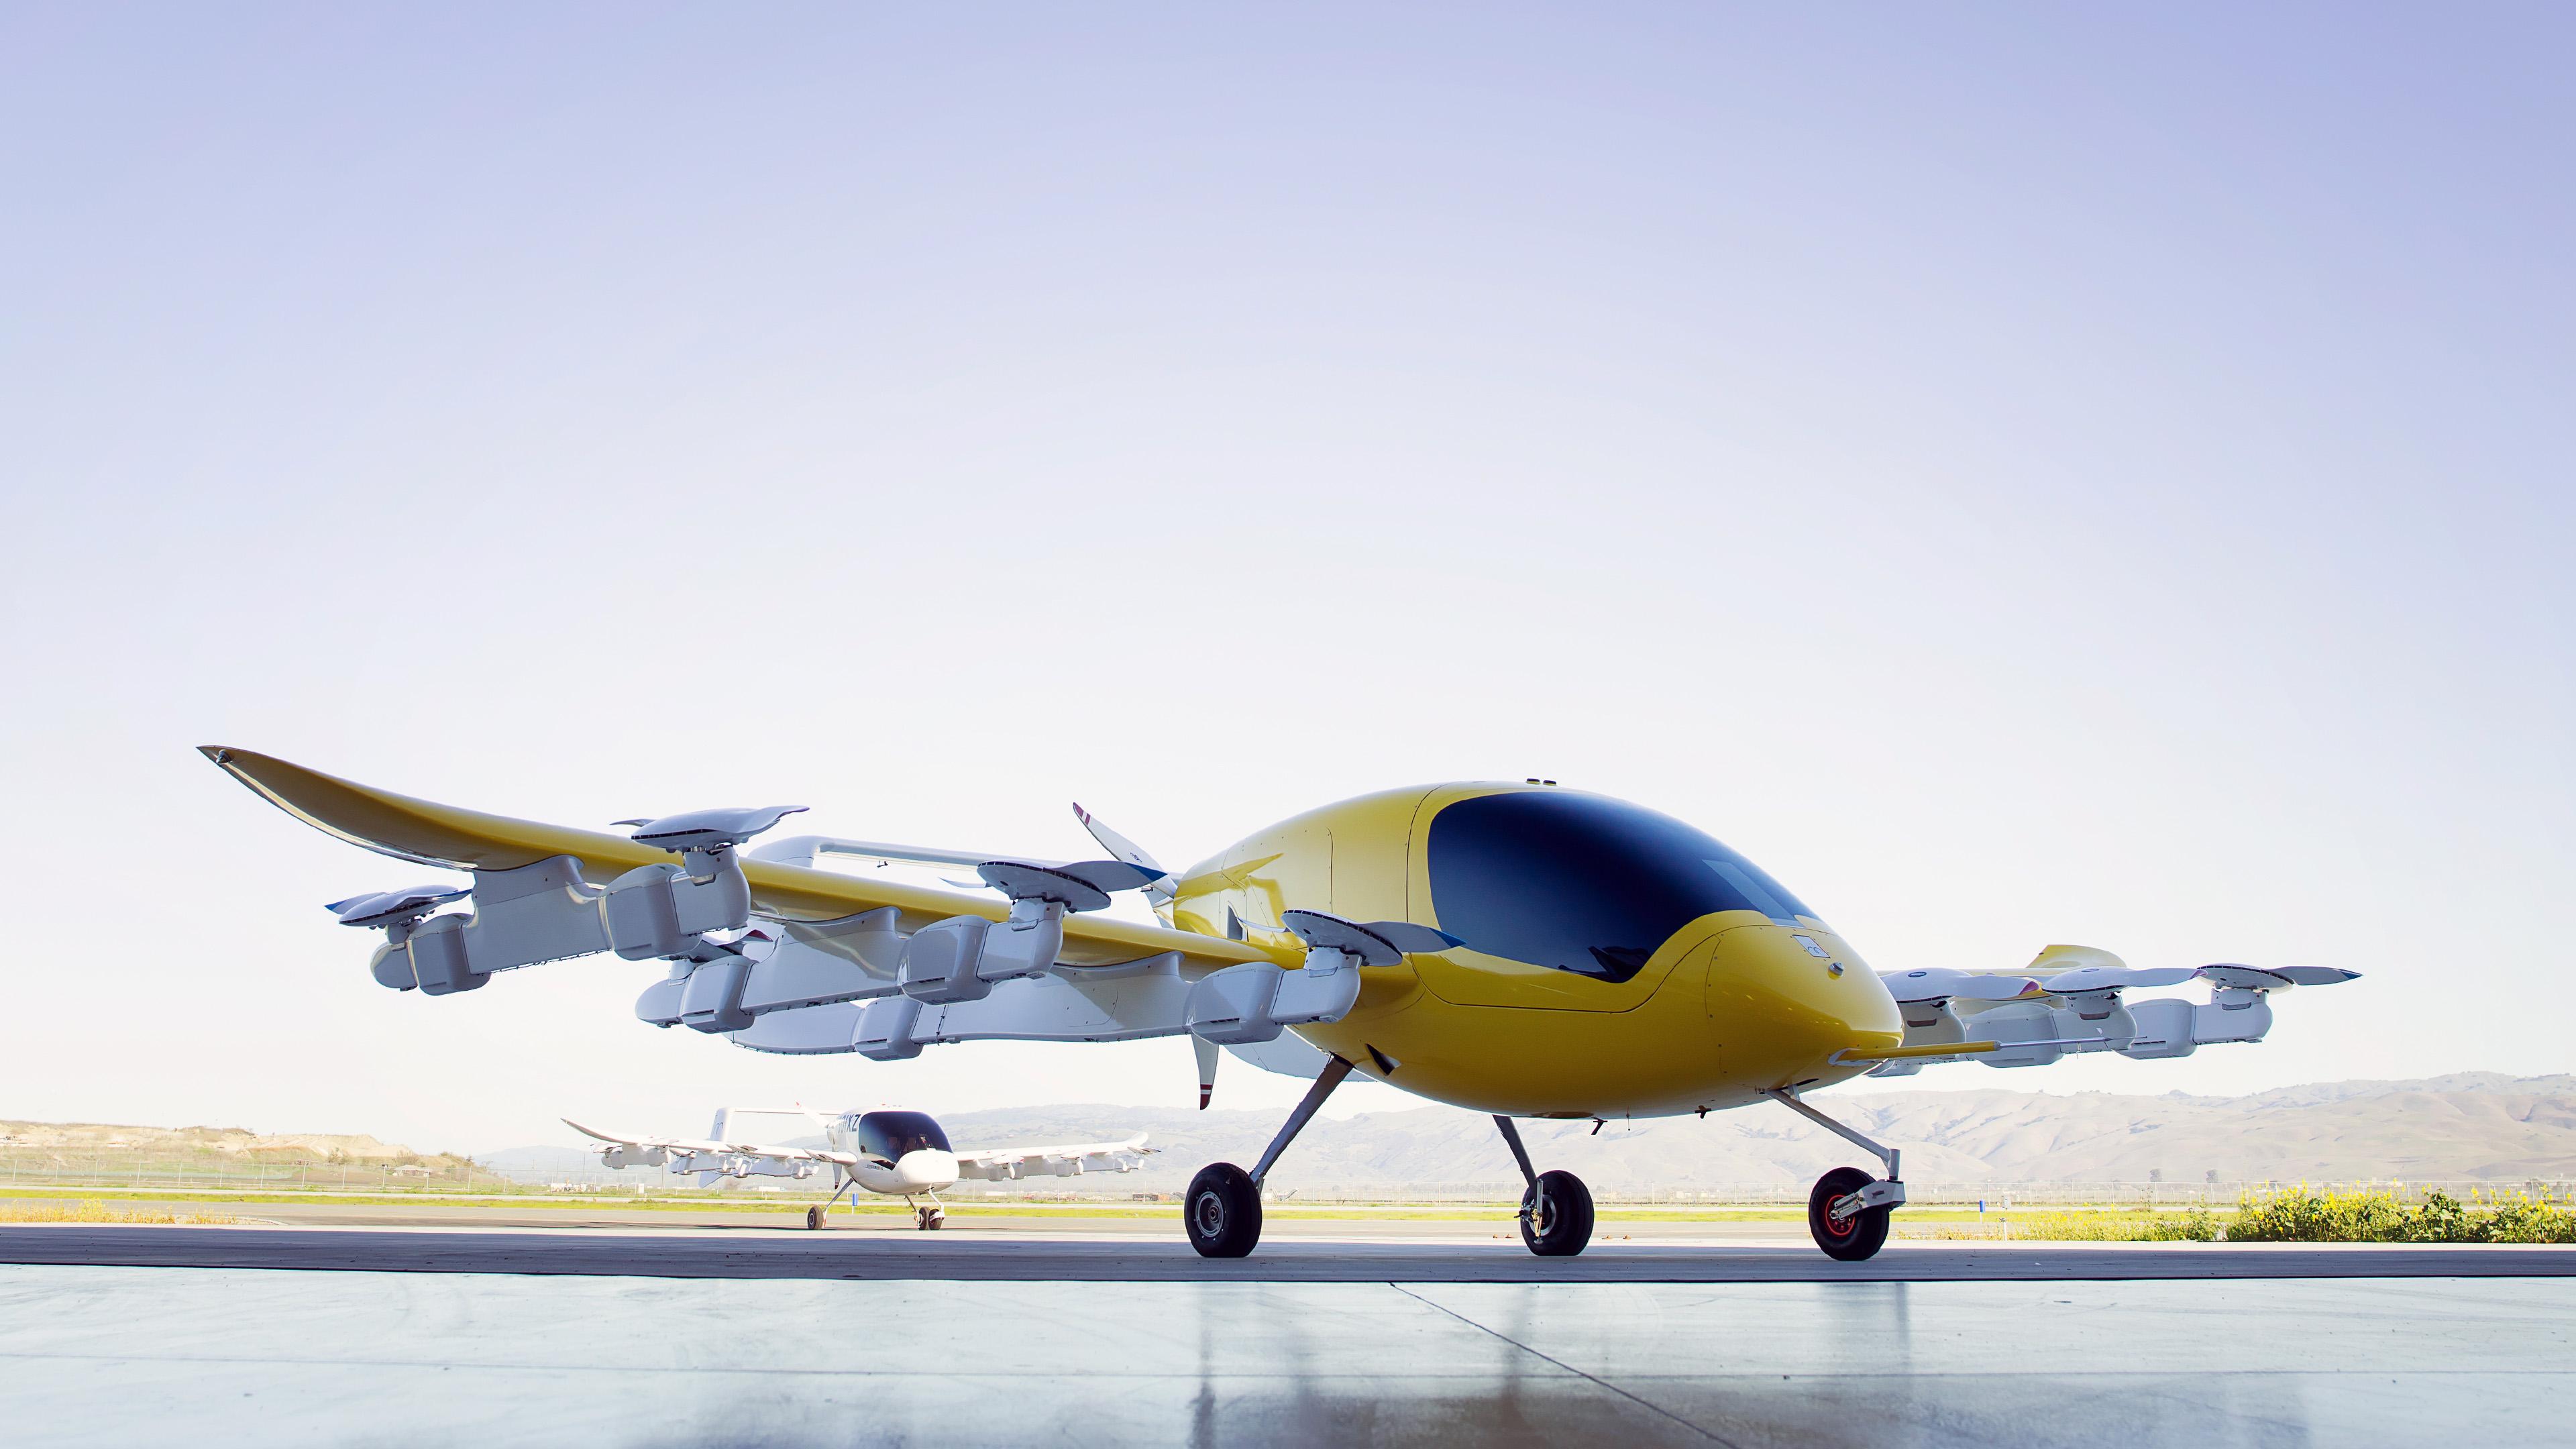 Kitty Hawk Cora Air Taxi